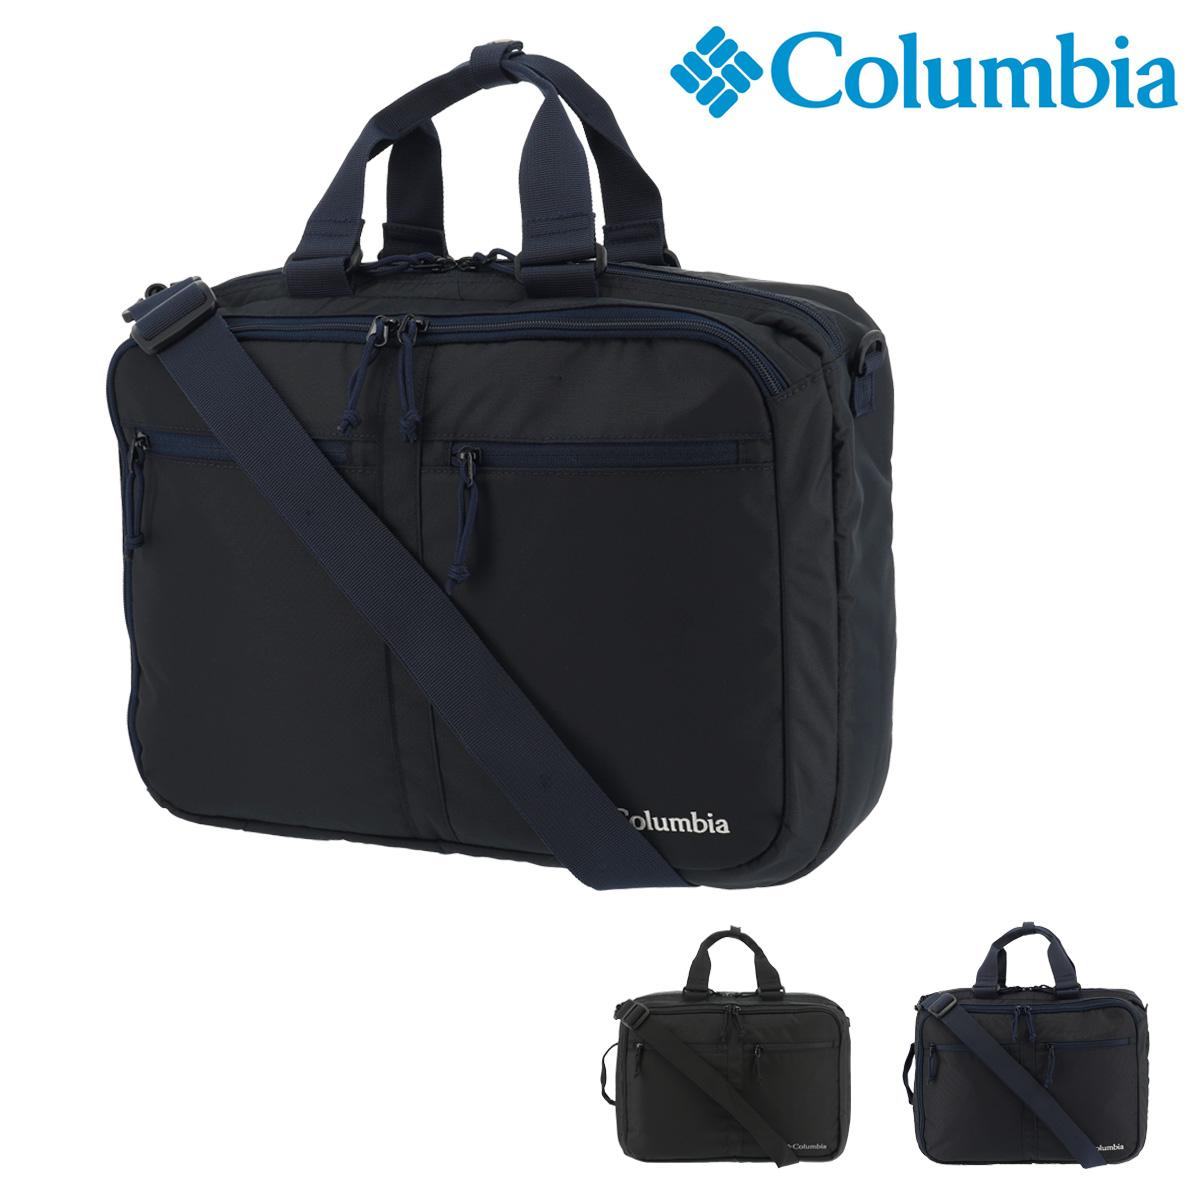 コロンビア ビジネスバッグ 3WAY ノンサッチストリーム メンズ PU8011 Columbia   リュック ブリーフケース 撥水 [bef]